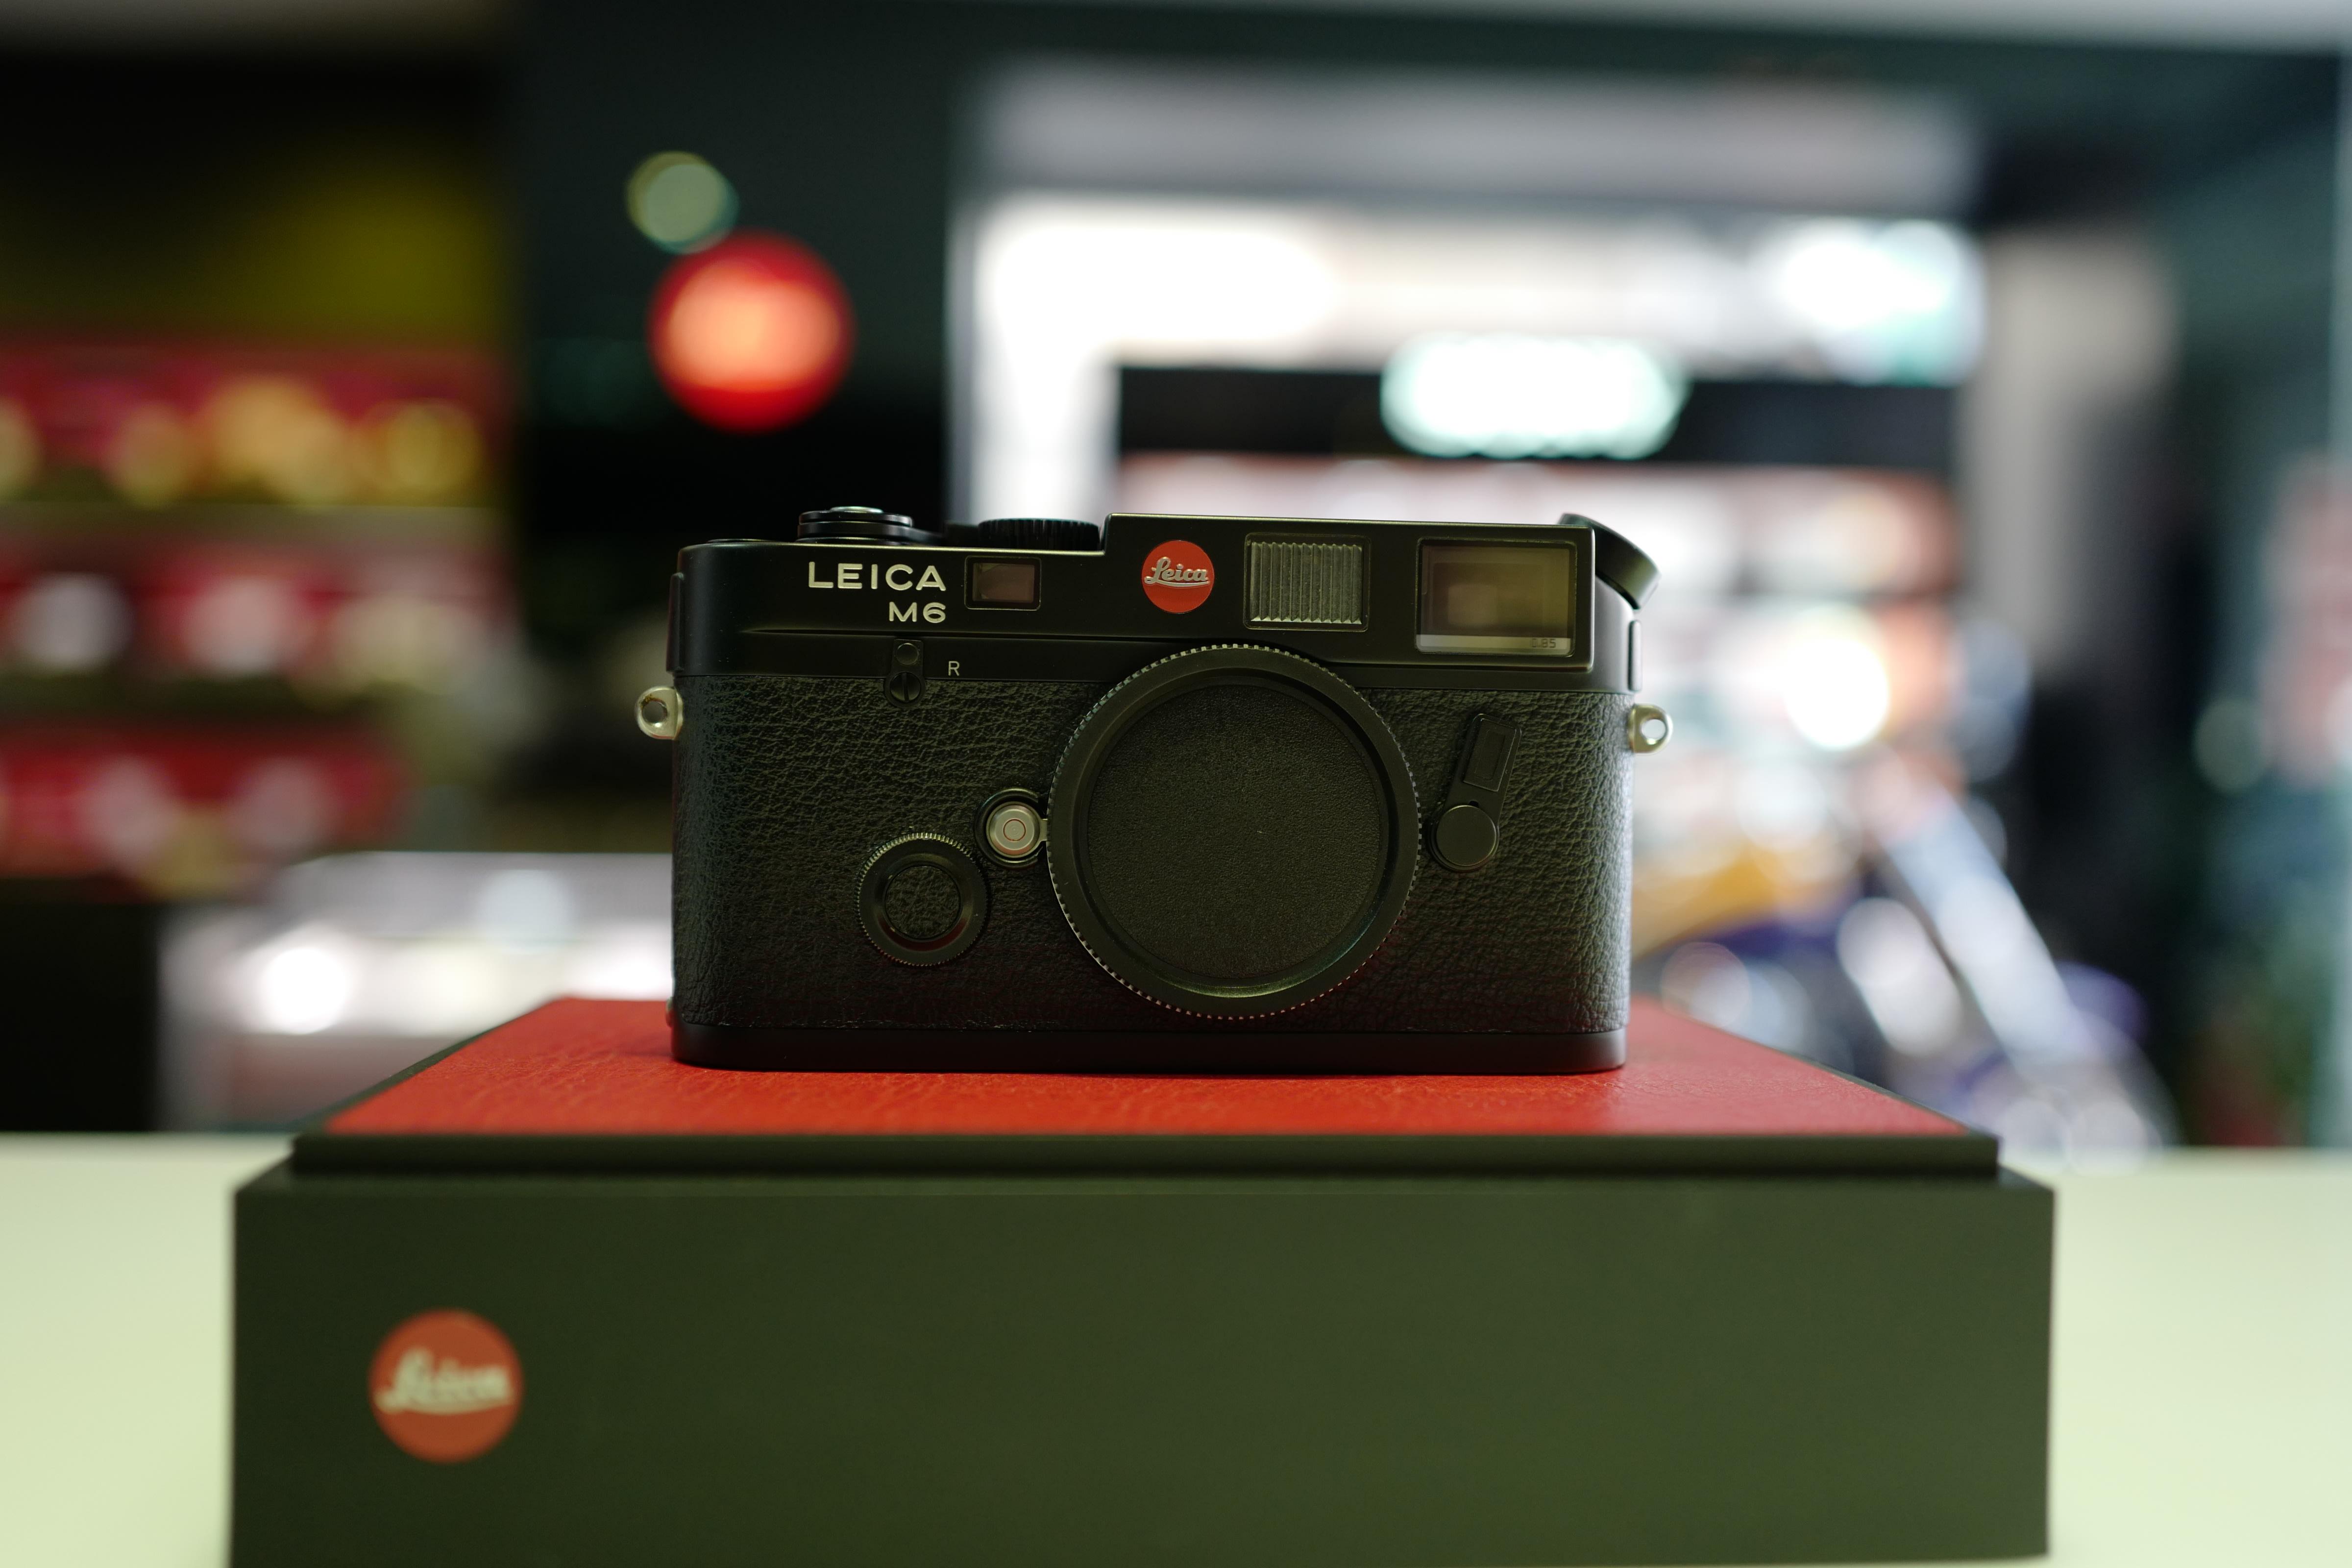 【日光徠卡】Leica M6 0.85 黑色 連動測距底片相機 二手 #2424***